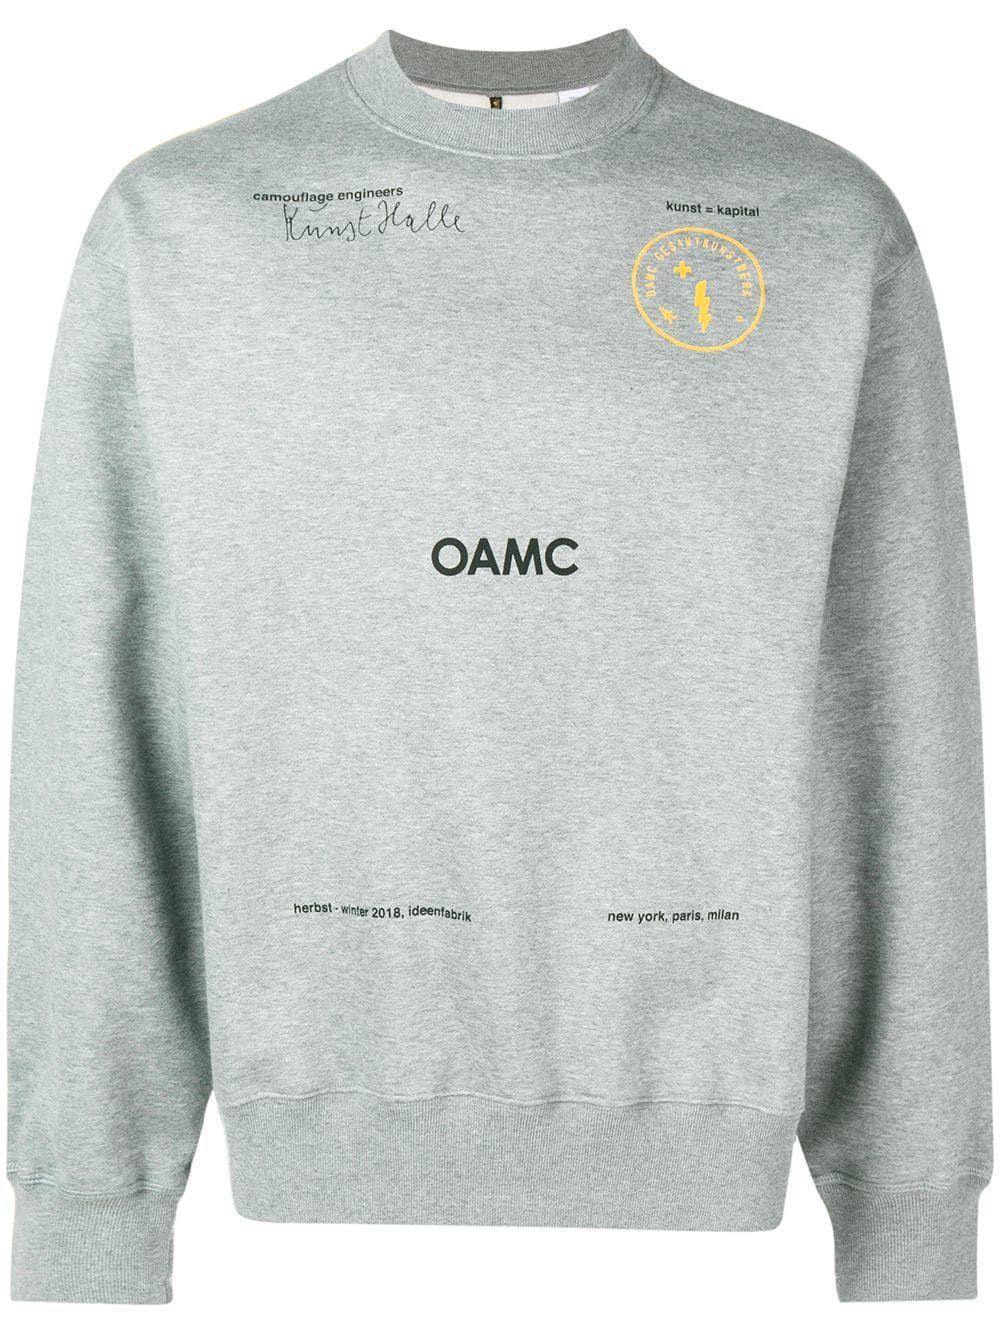 Oamc Slogan Crew Neck Sweatshirt In Grey Modesens Sweatshirts Crew Neck Sweatshirt Oamc [ 1334 x 1000 Pixel ]